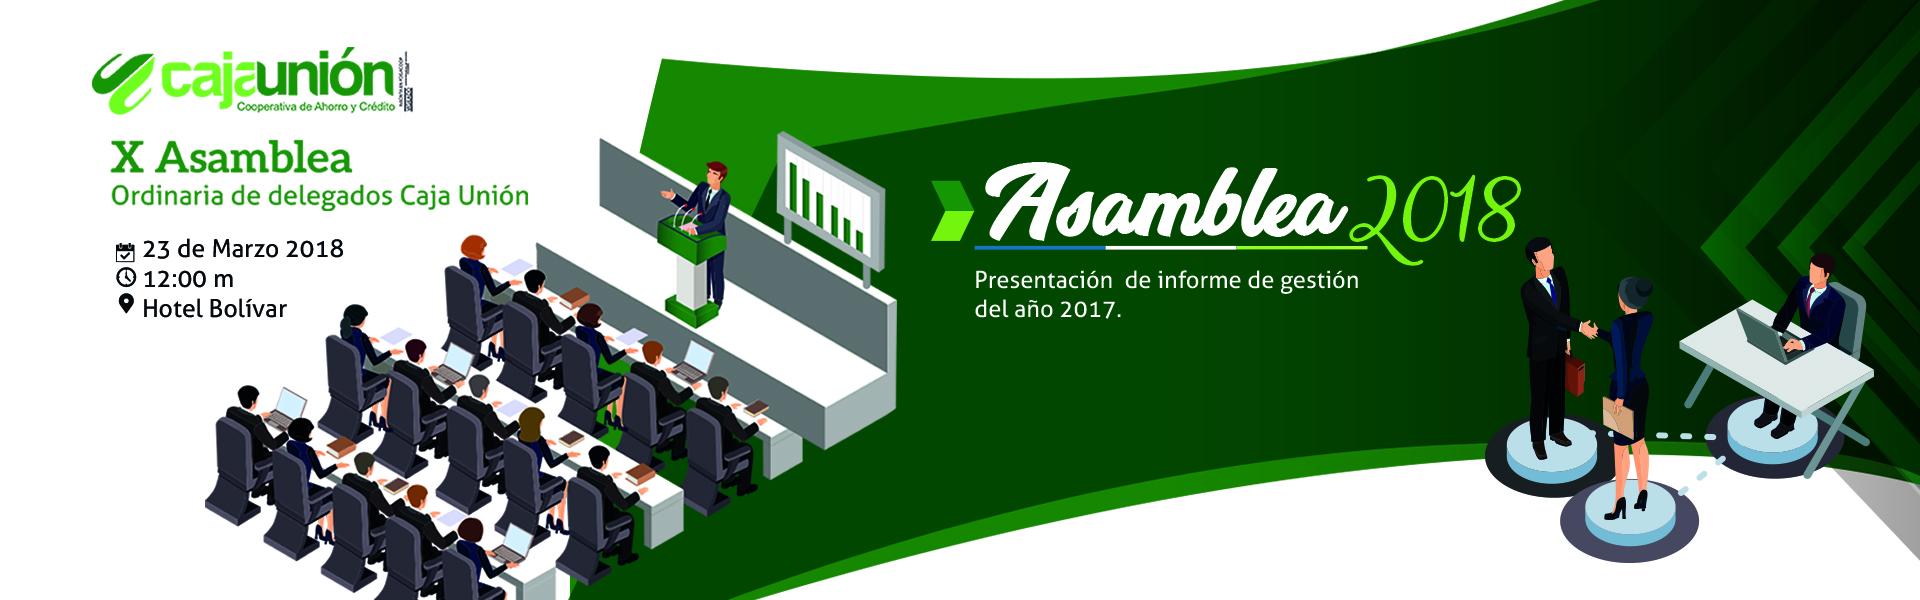 Asamblea Caja Unión 2018